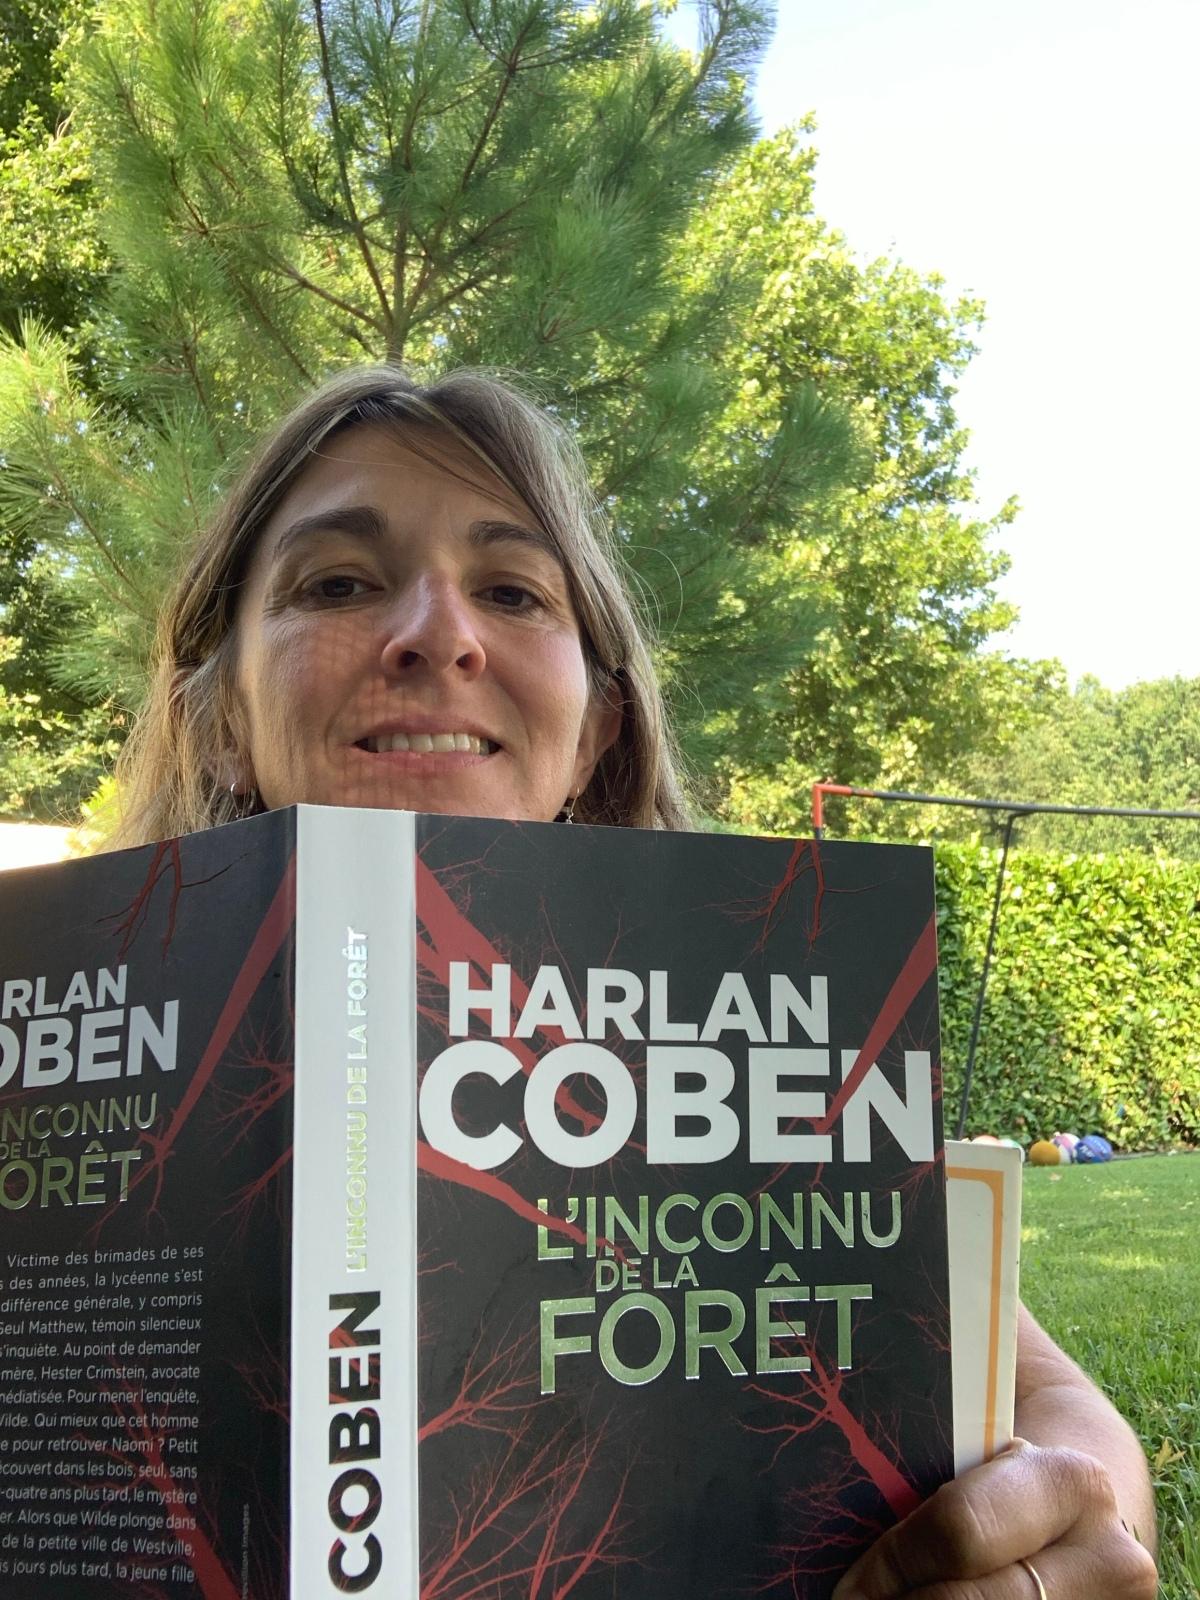 Mon avis sur le denier roman d'Harlan Coben: L'inconnu de laforêt!